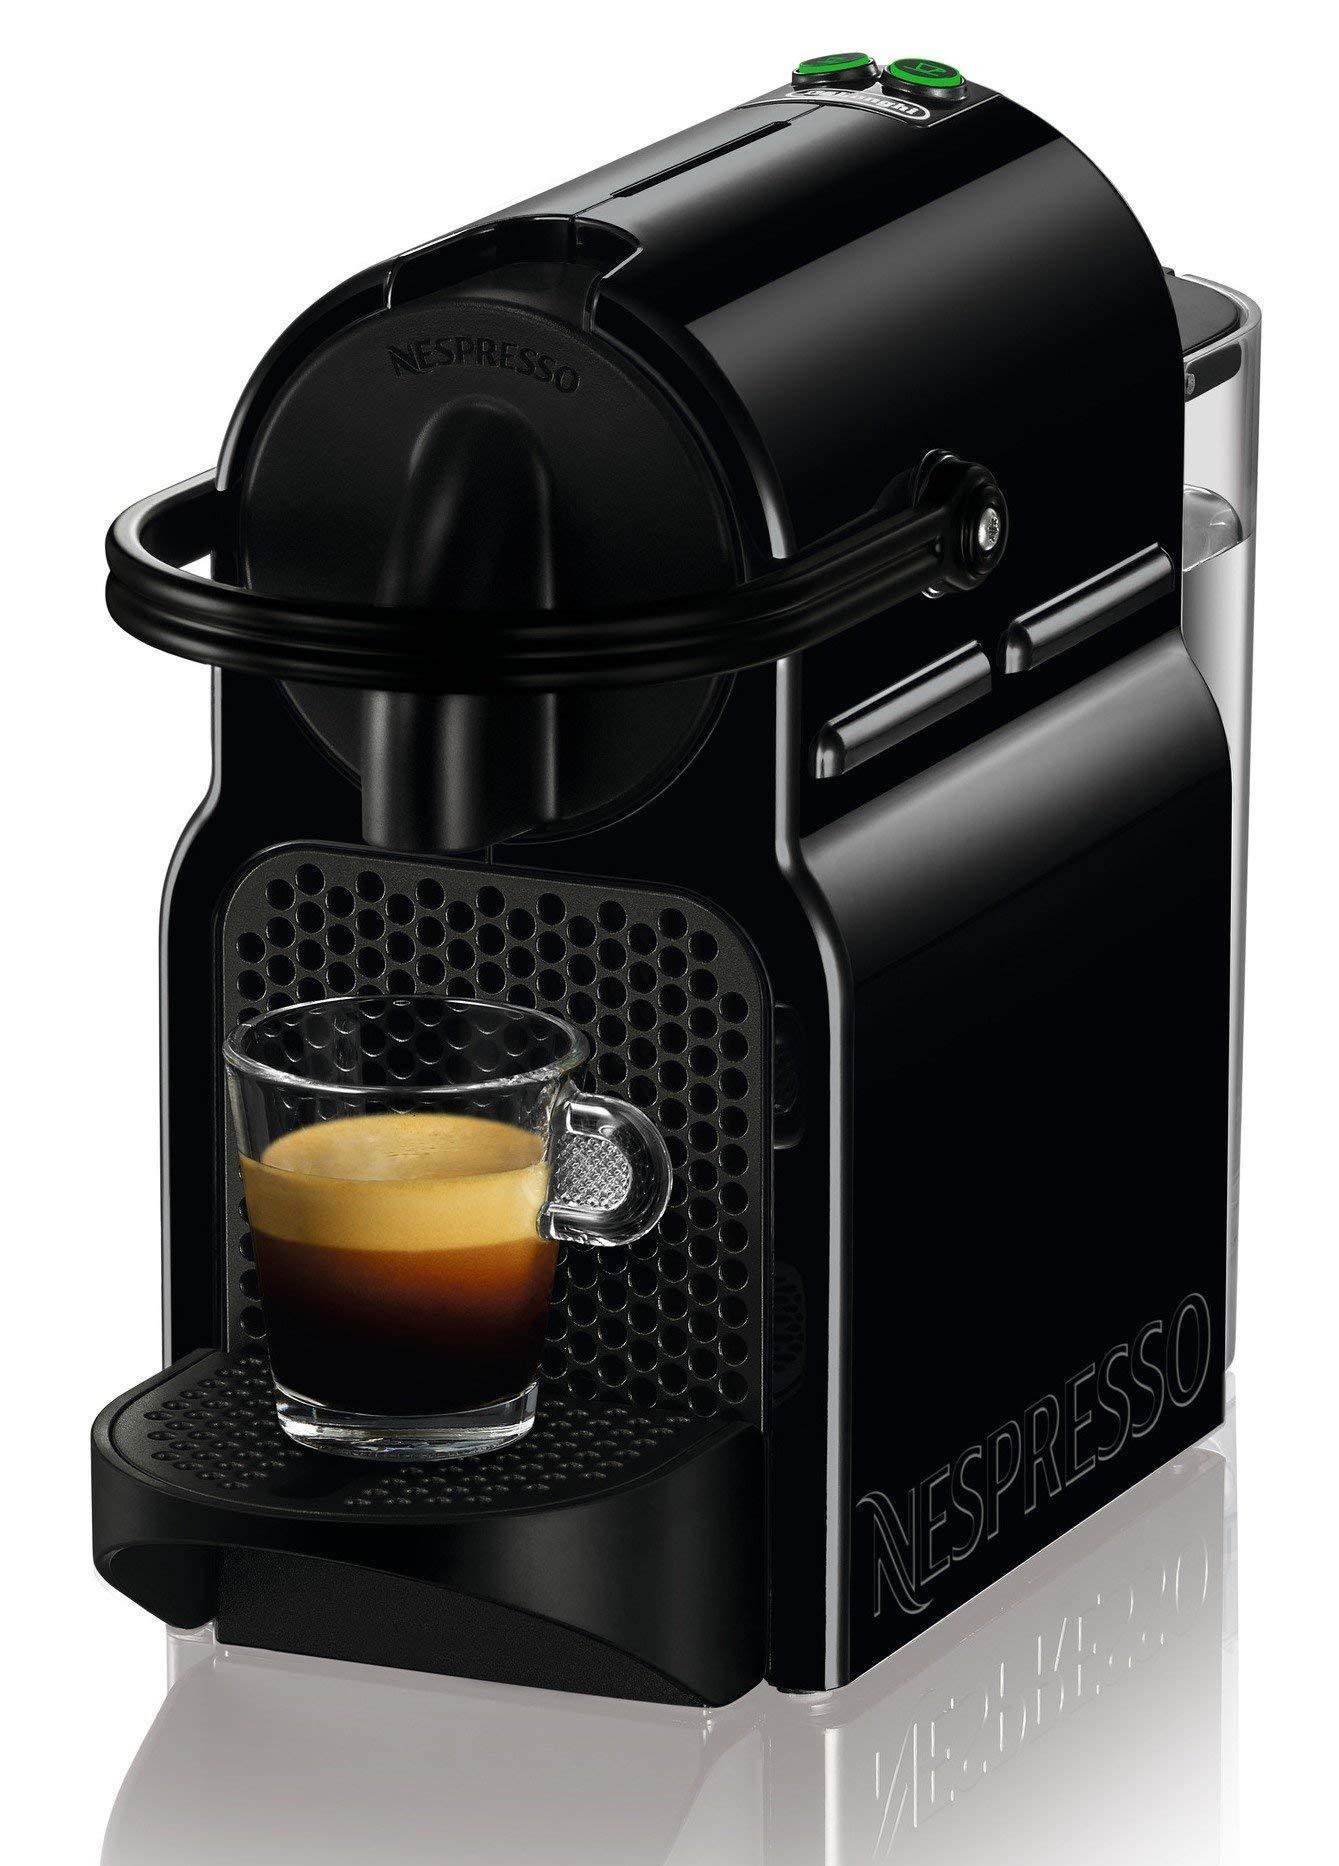 Nespresso De'Longhi Inissia EN80.B - Cafetera monodosis de cápsulas Nespresso, 19 bares, apagado automático, color negro, Incluye pack de bienvenida con 14 cápsulas